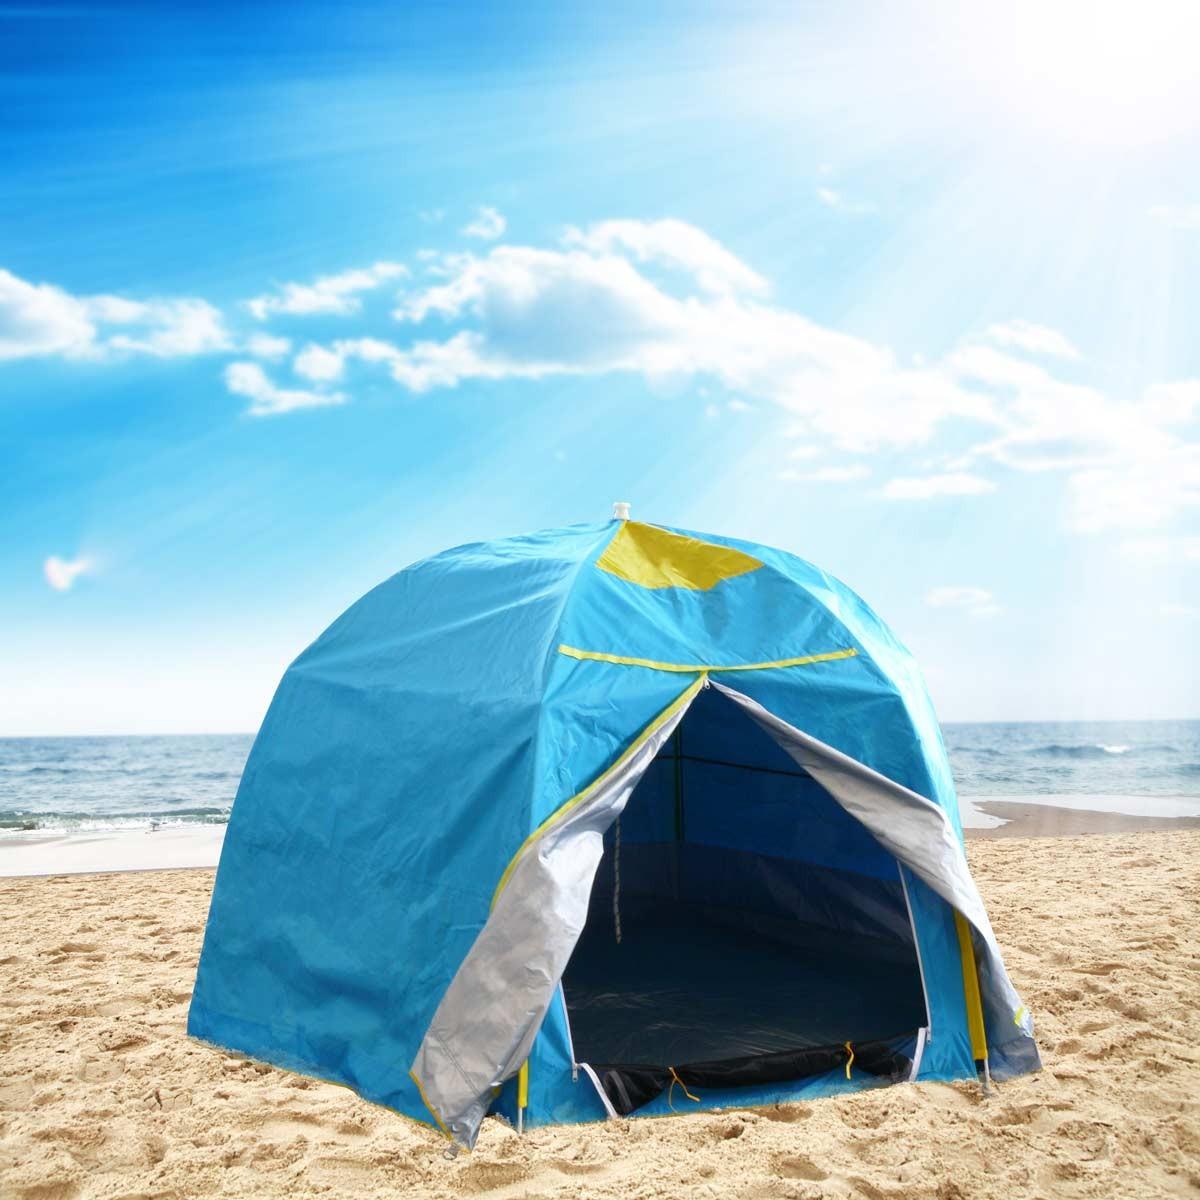 GZ250UVA - Tenda da spiaggia 2 posti mare parasole campeggio camping protezione uv antivento -